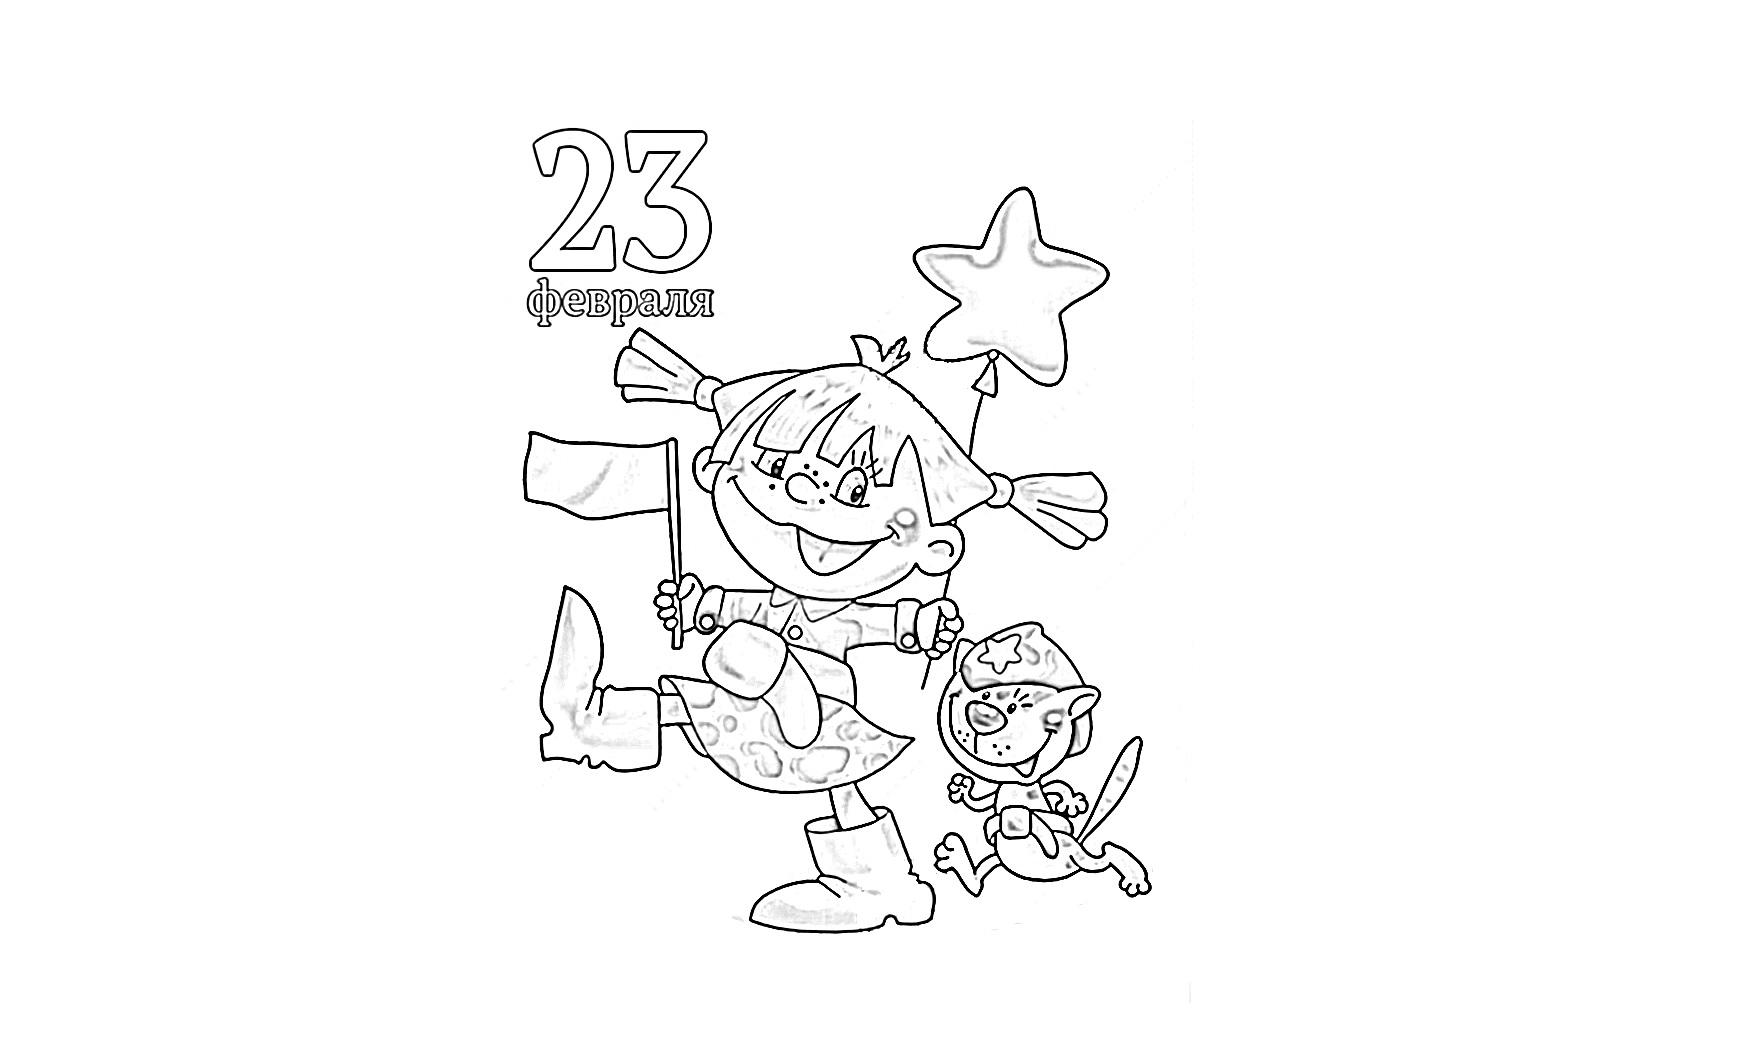 Детские раскраски 23 февраля - Раскрась этот мир!